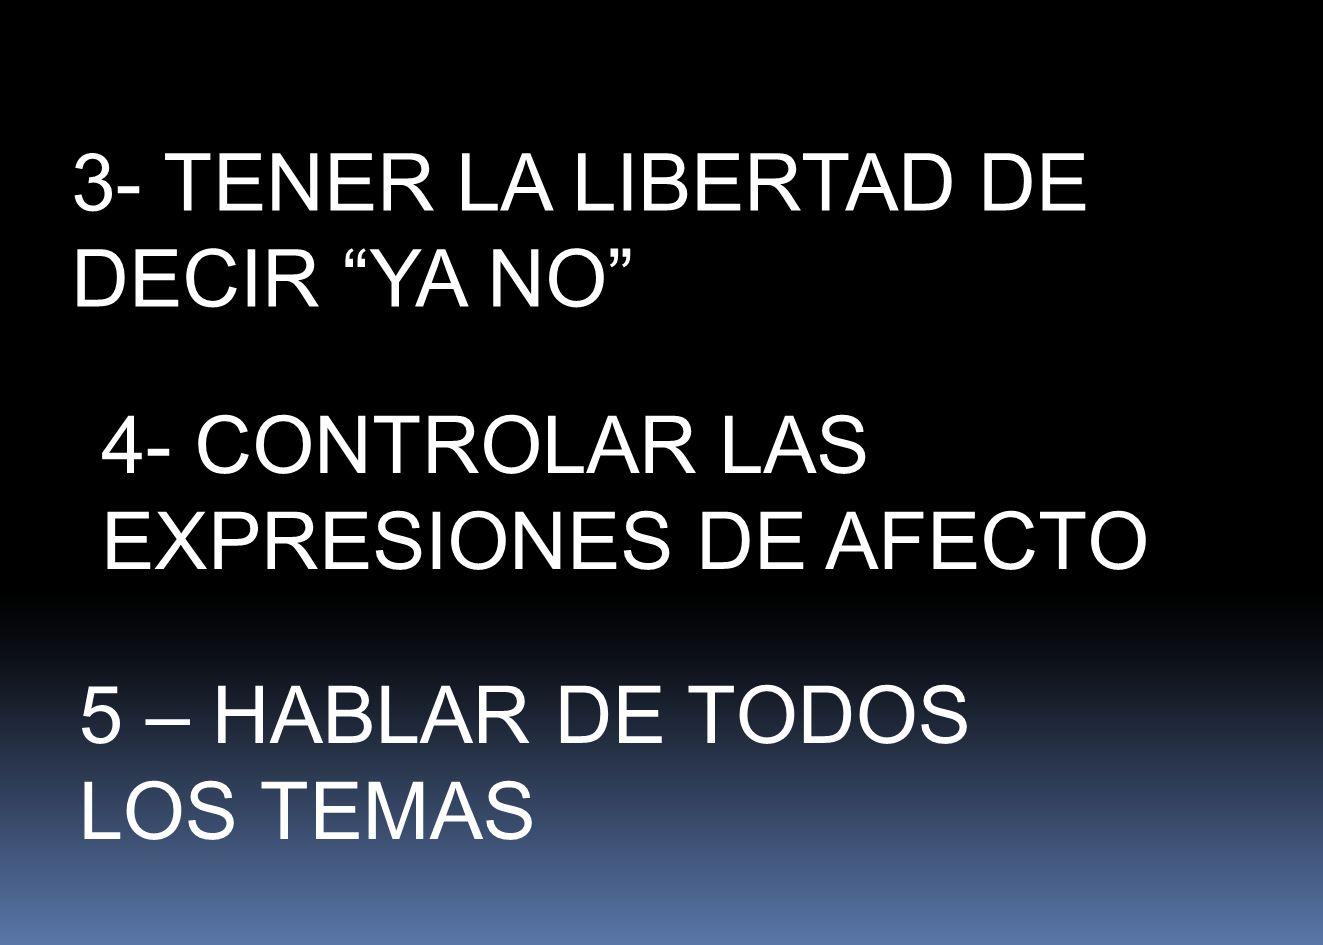 3- TENER LA LIBERTAD DE DECIR YA NO